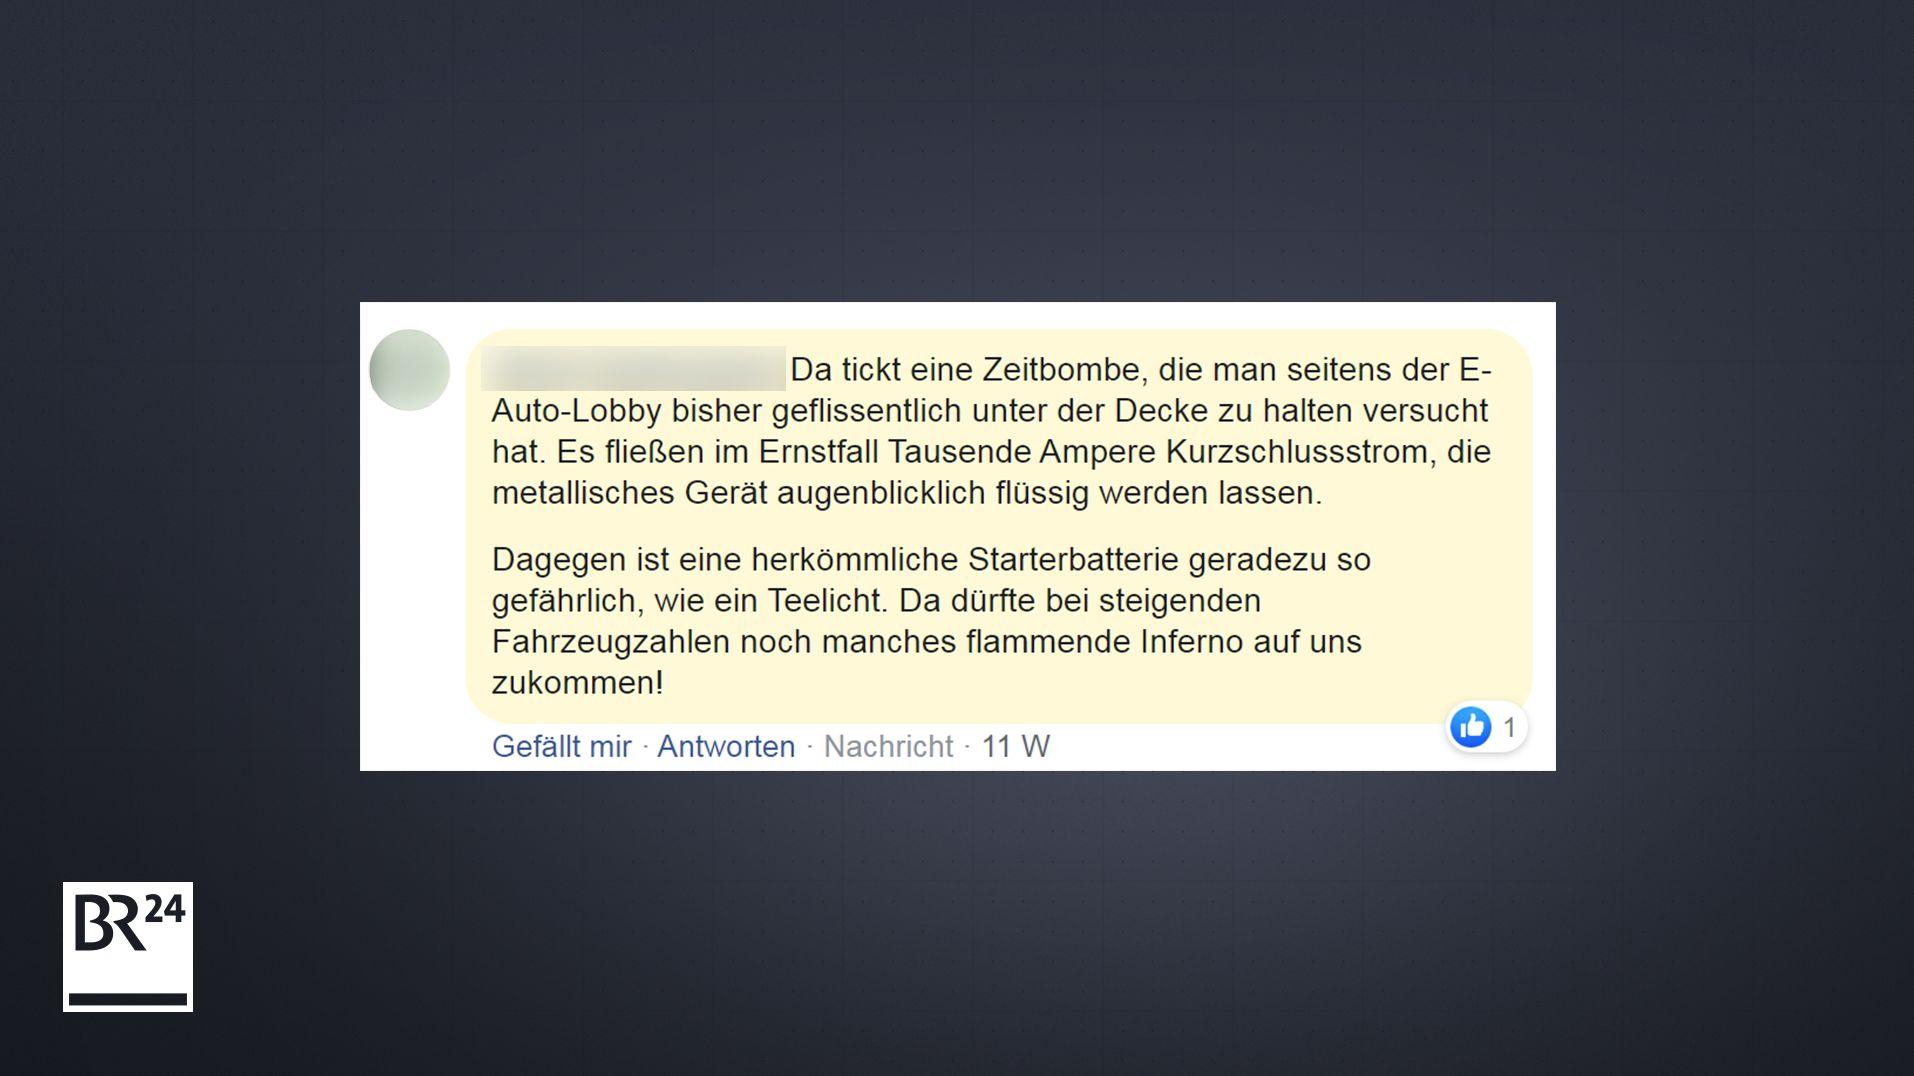 User Kommentar auf BR24-Facebookseite